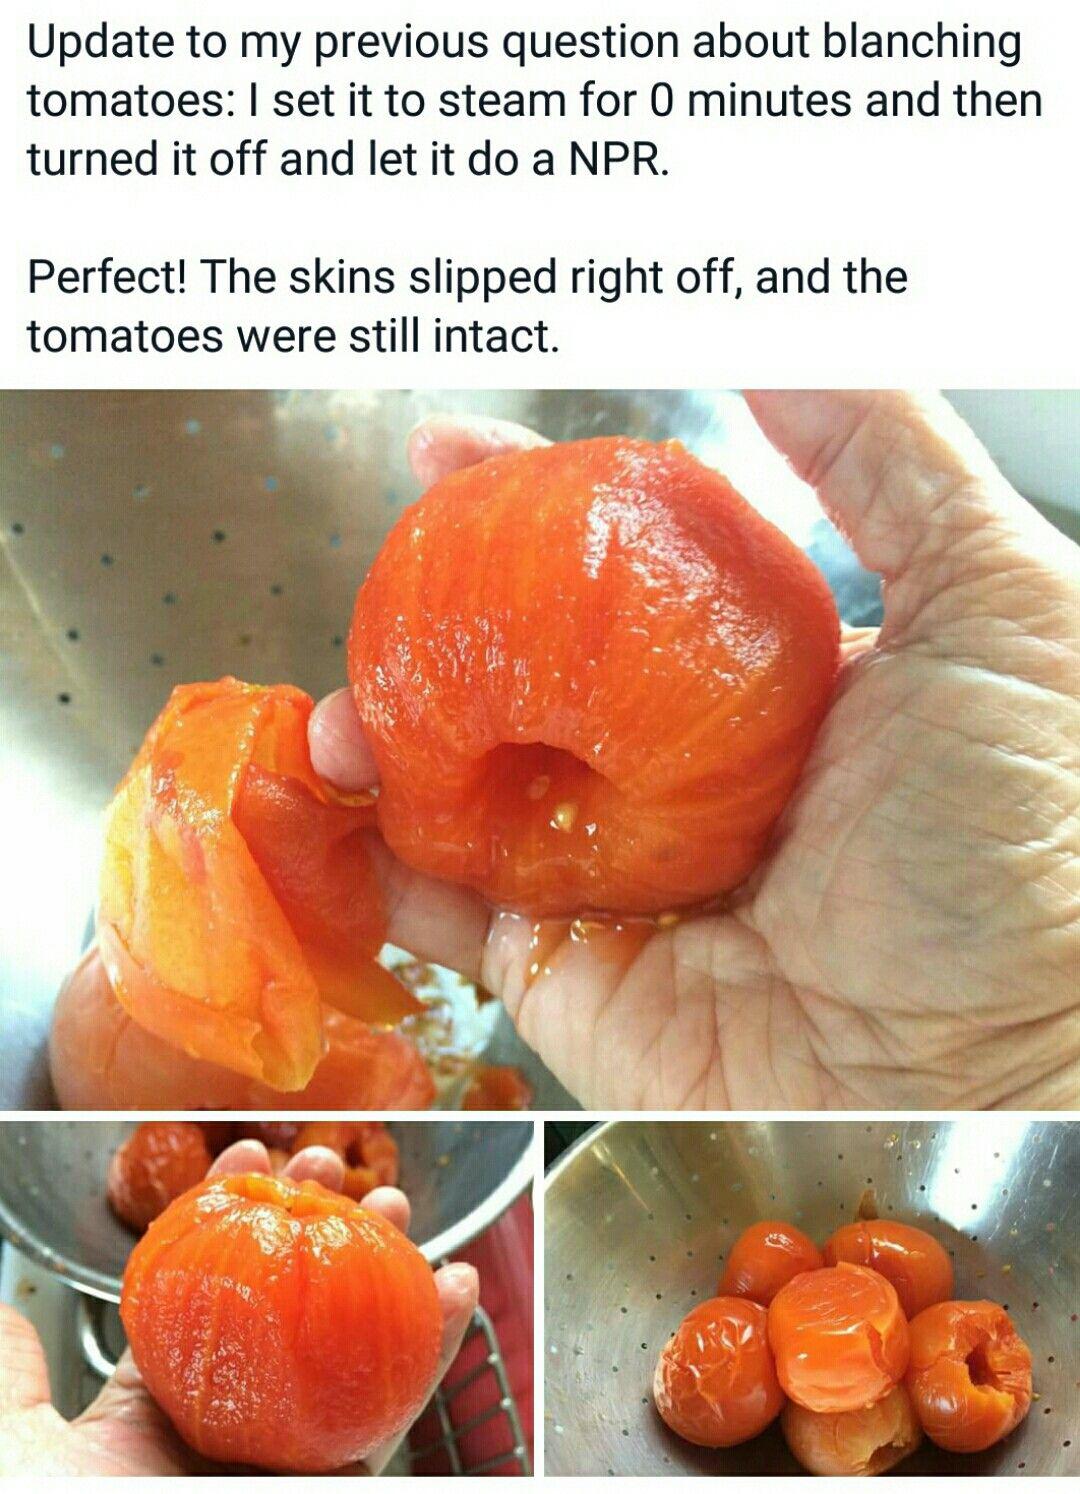 Instant Pot Blanching Tomatoes Instant Pot Recipes Pot Recipes